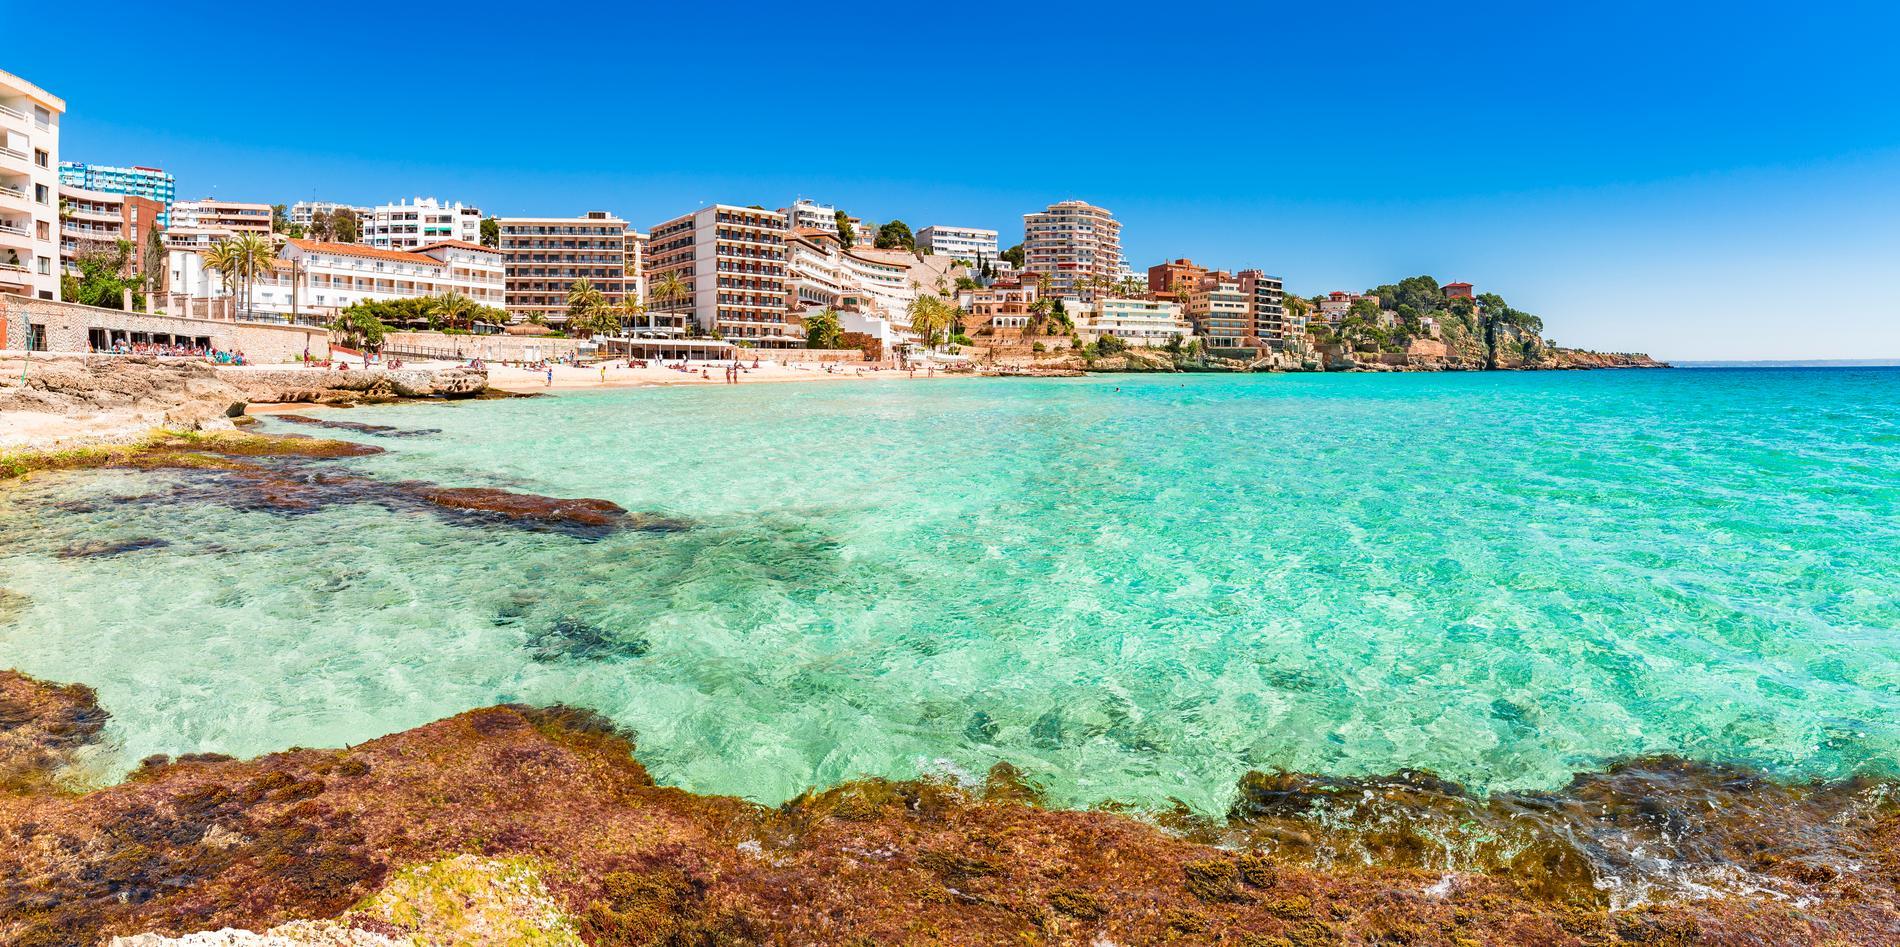 Resorna till Palma de Mallorca ökade med 21 procent i år.